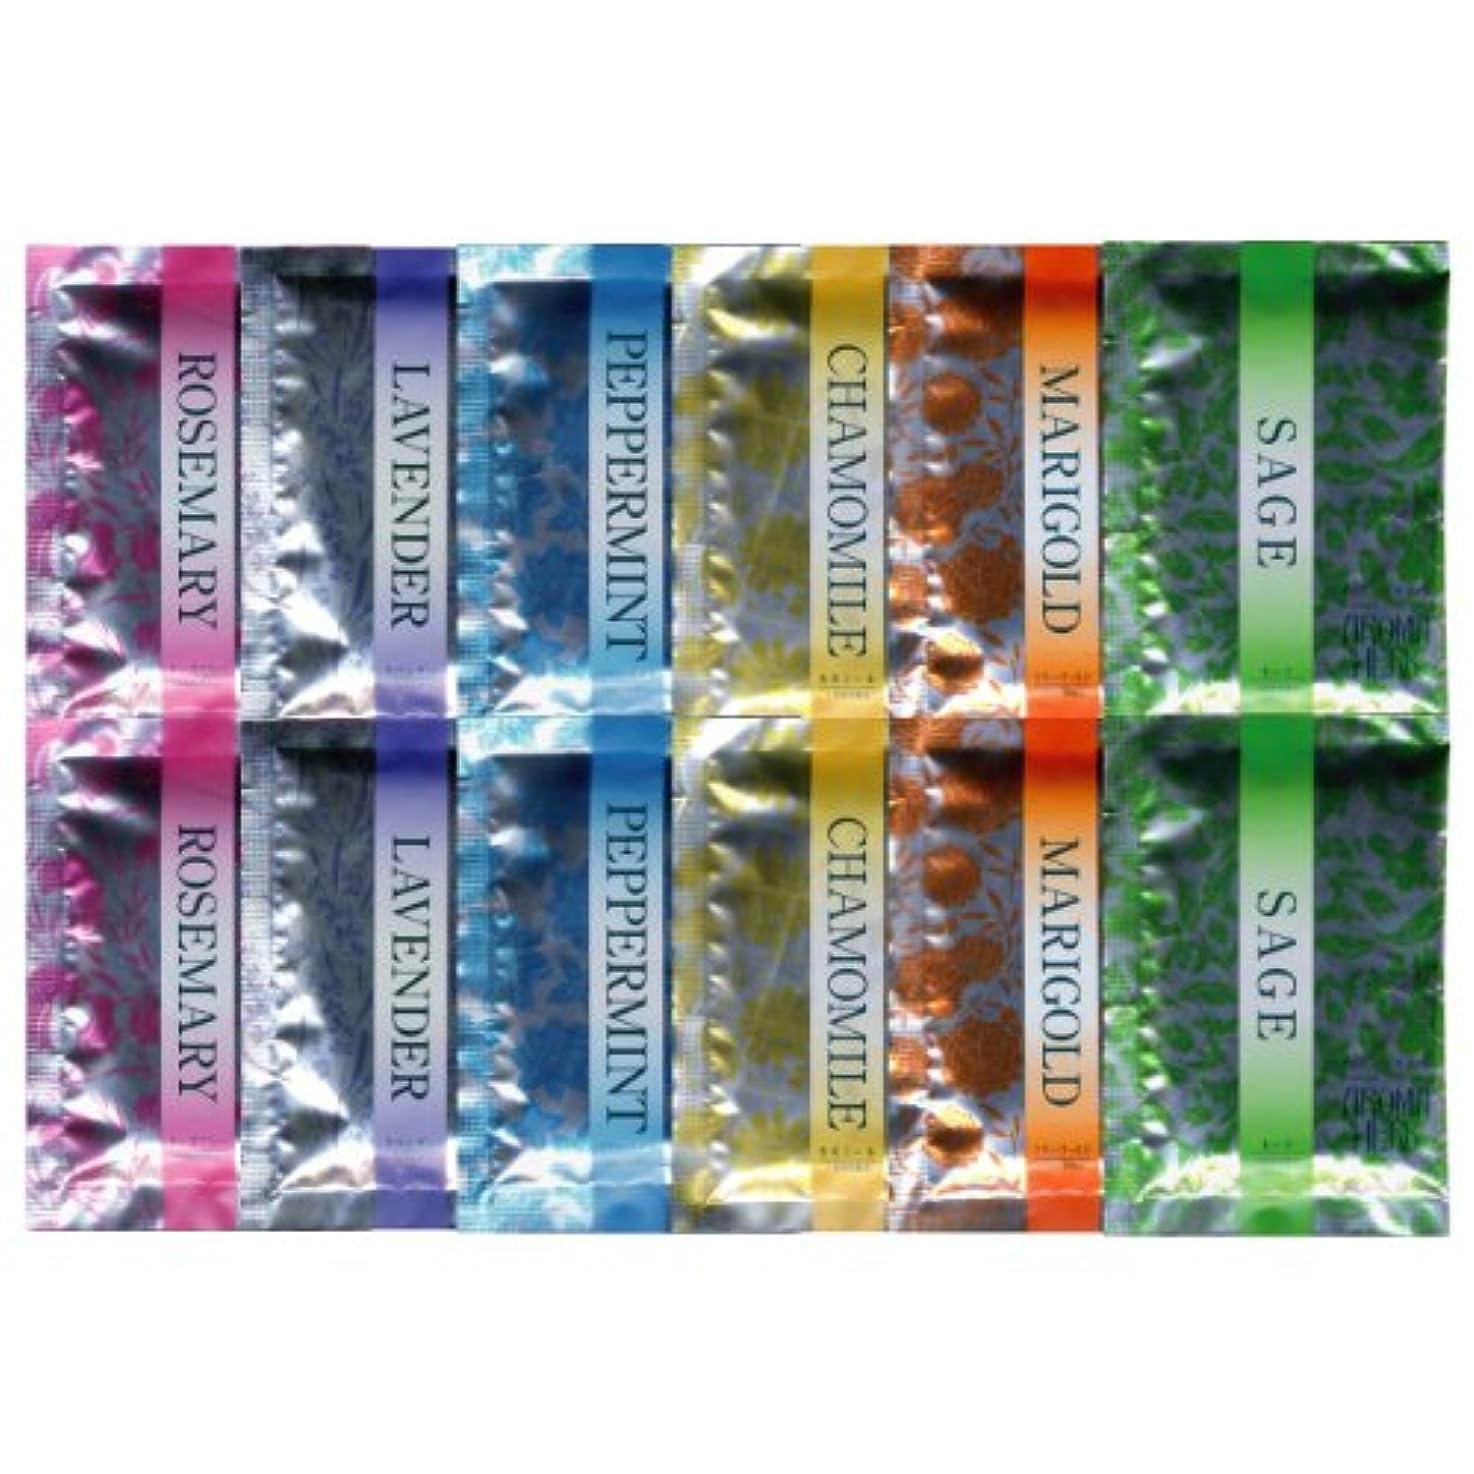 数学的な振るきょうだいアロマハーブ 香りの物語 6種類×2 12包